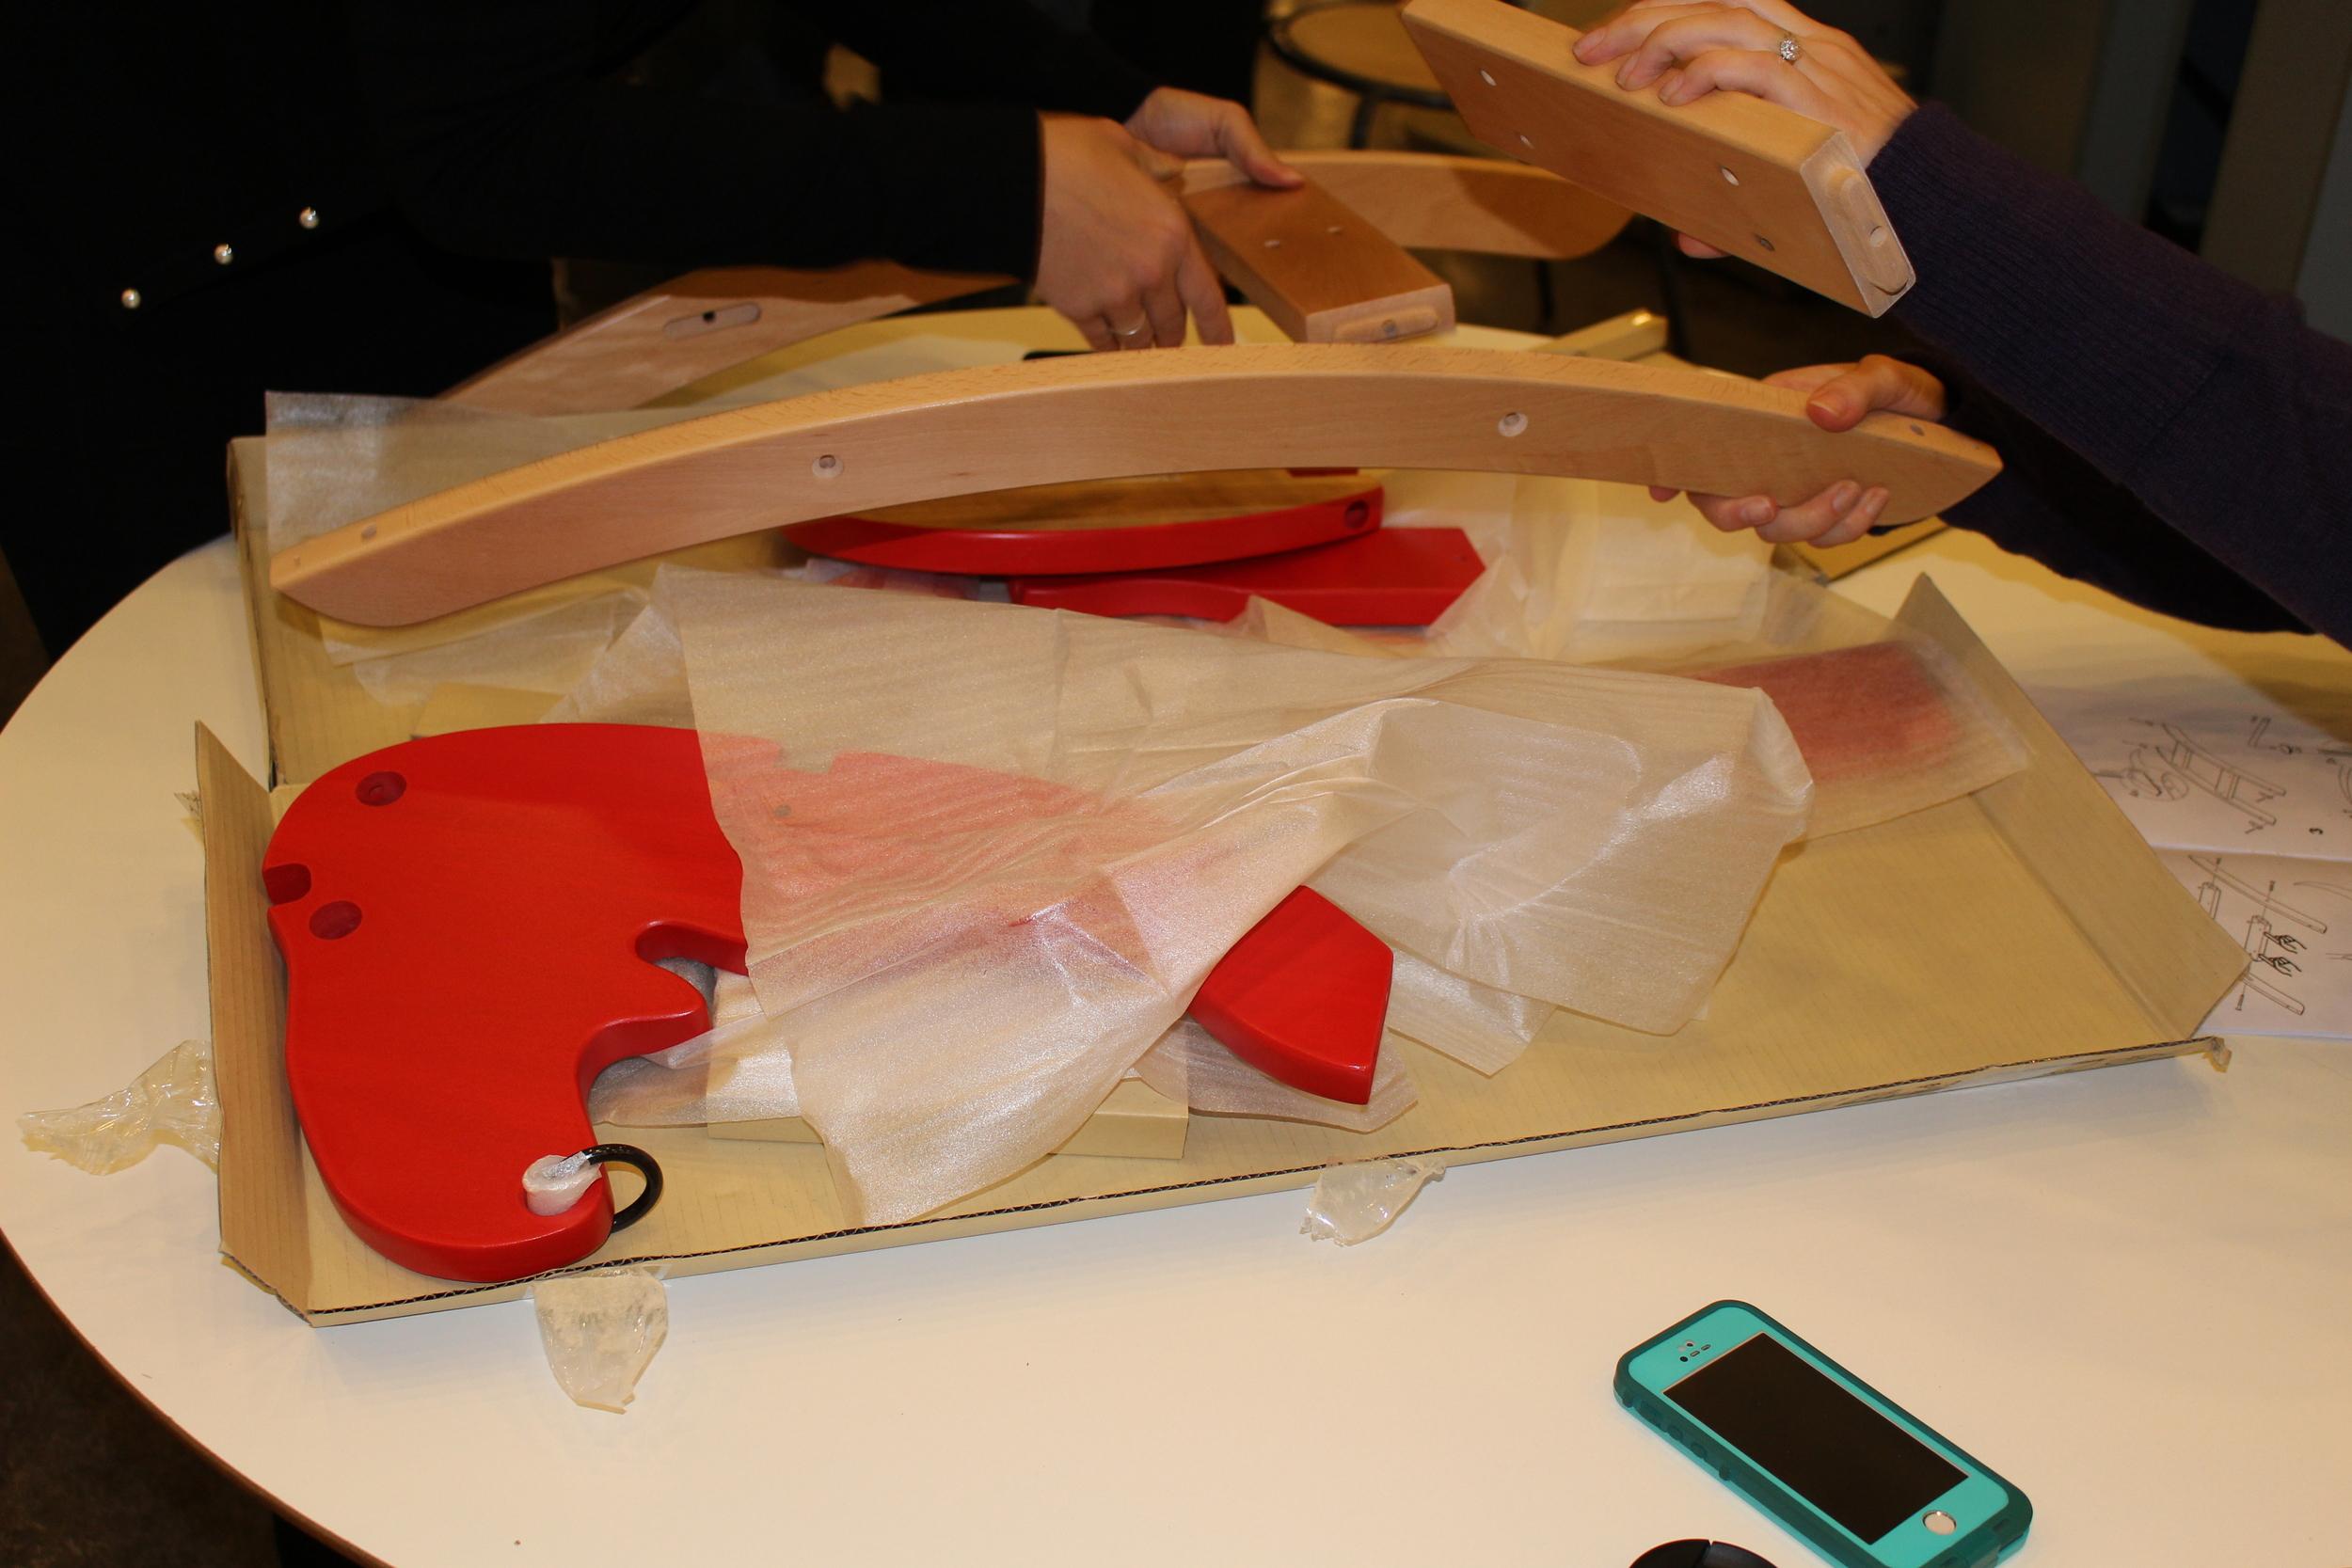 Ikea_Rocking_Moose_Building_Before.jpg